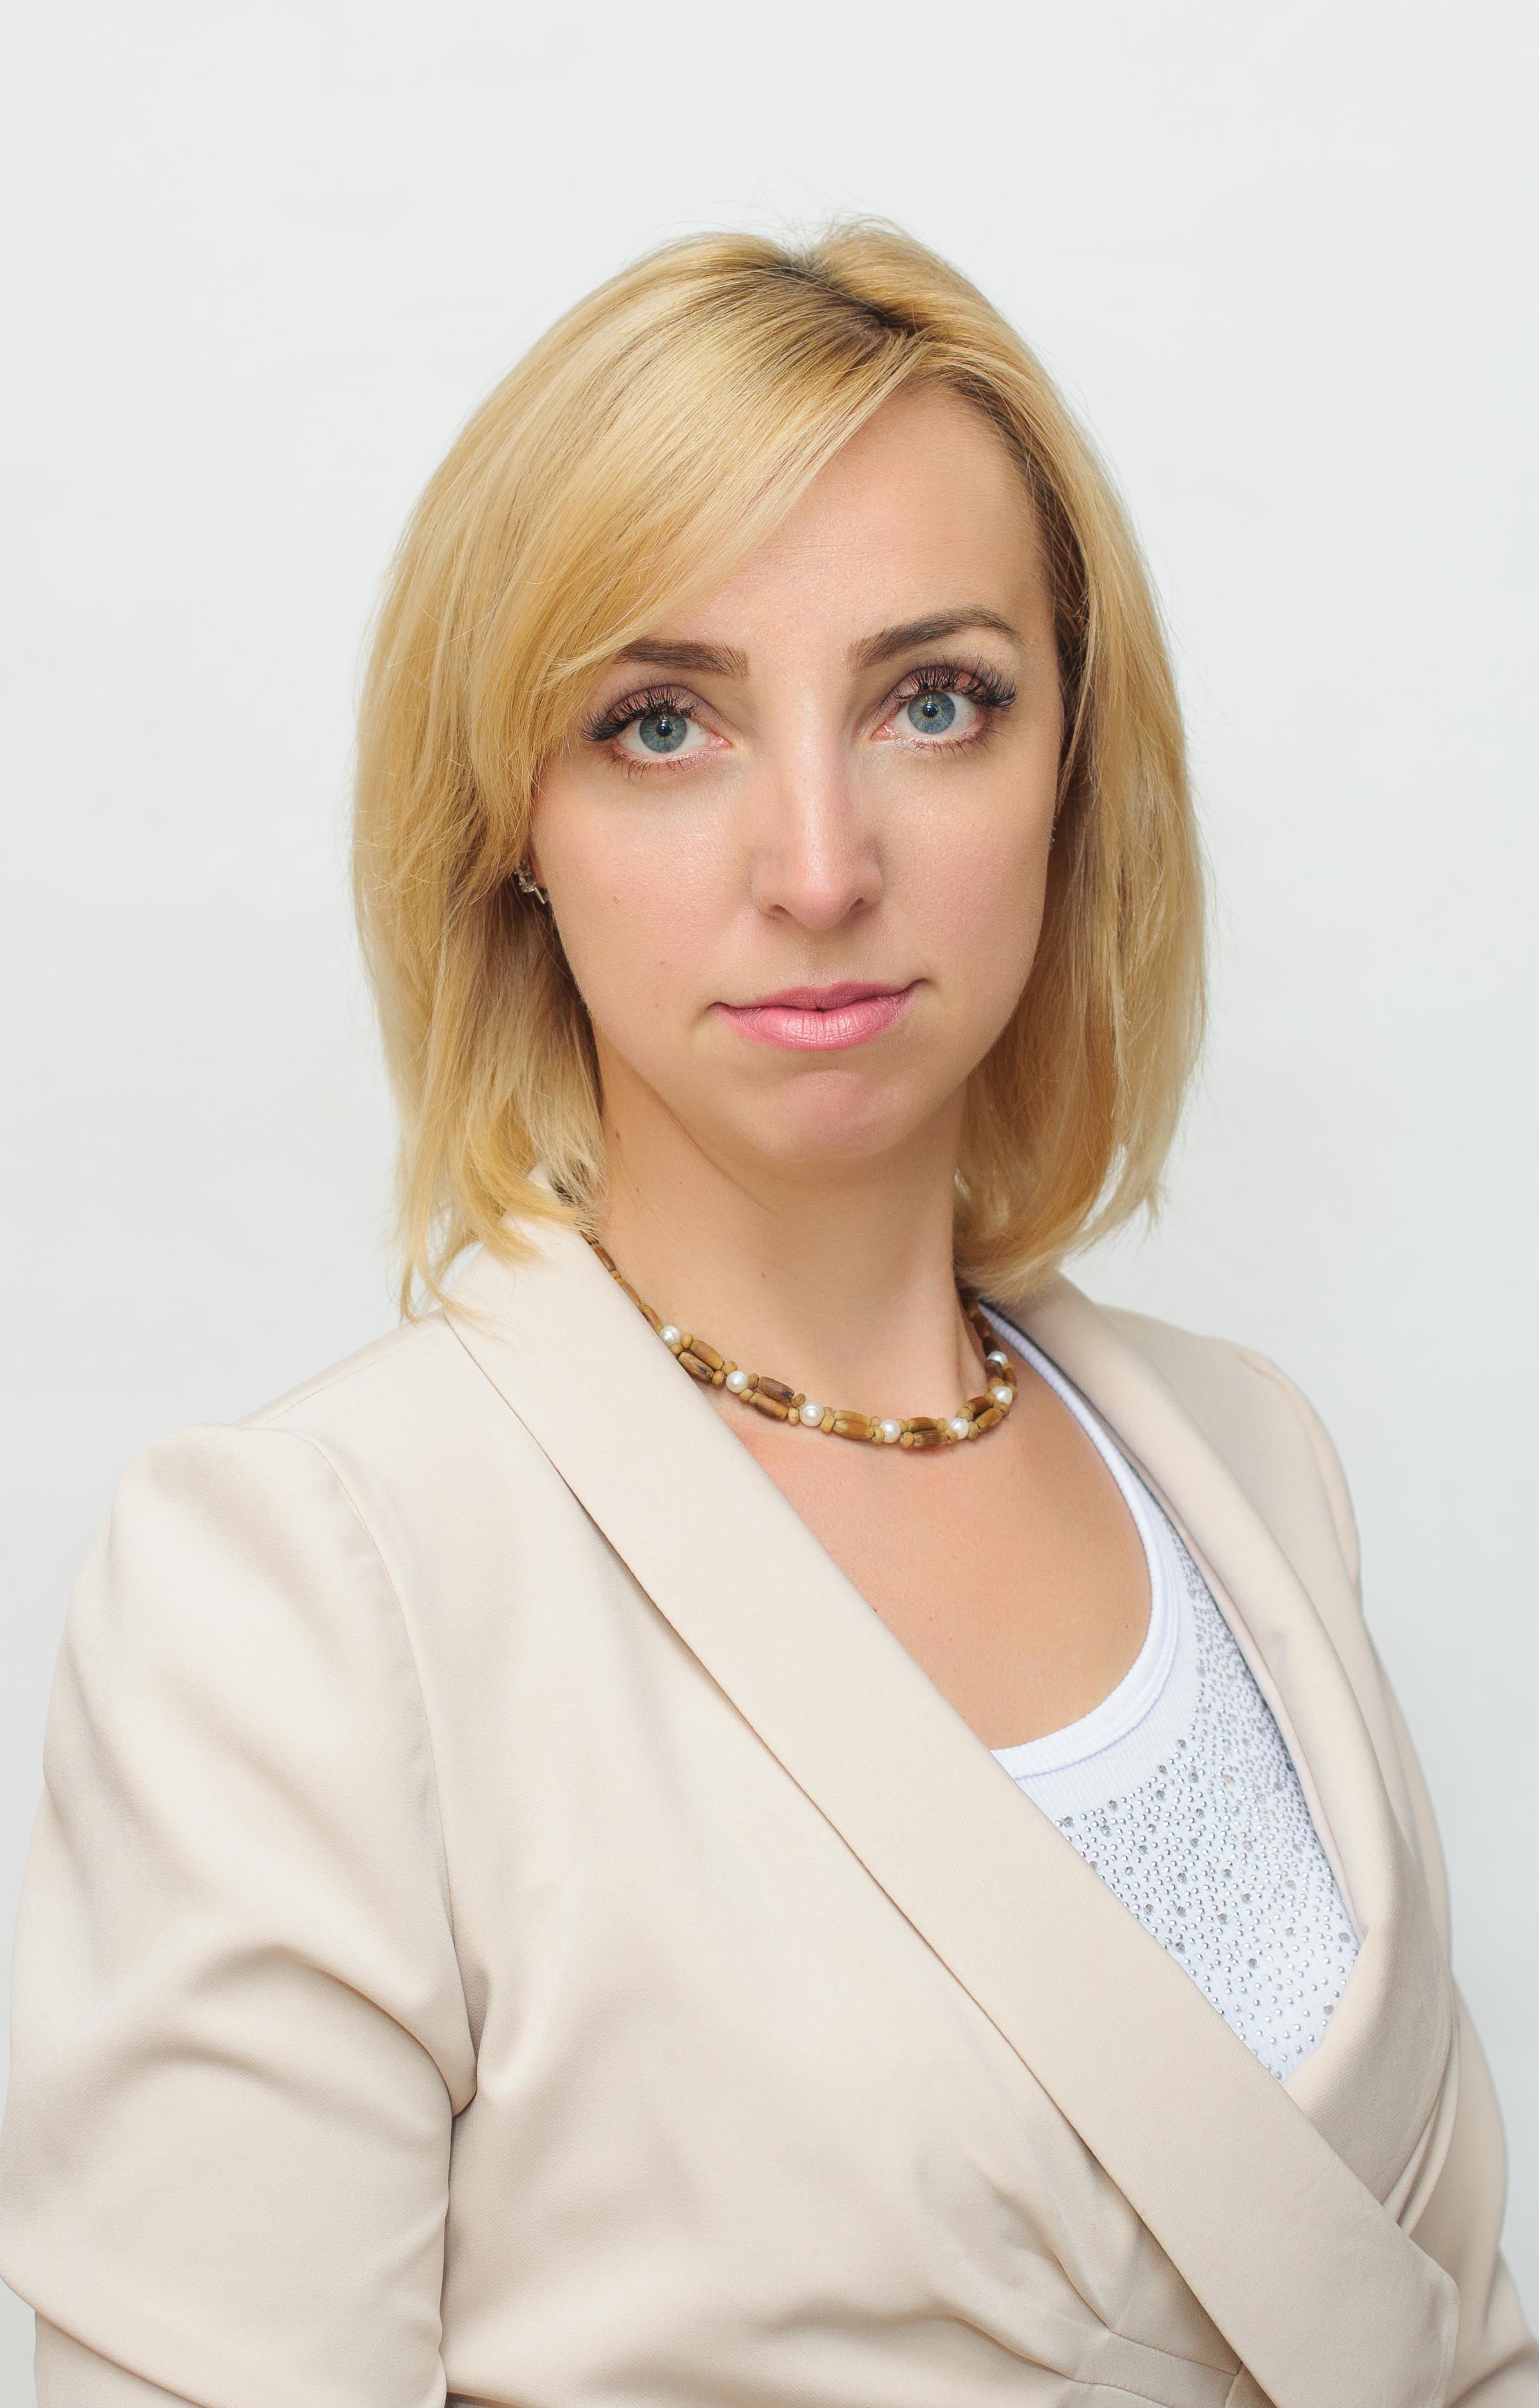 Єфіменко Людмила Миколаївна